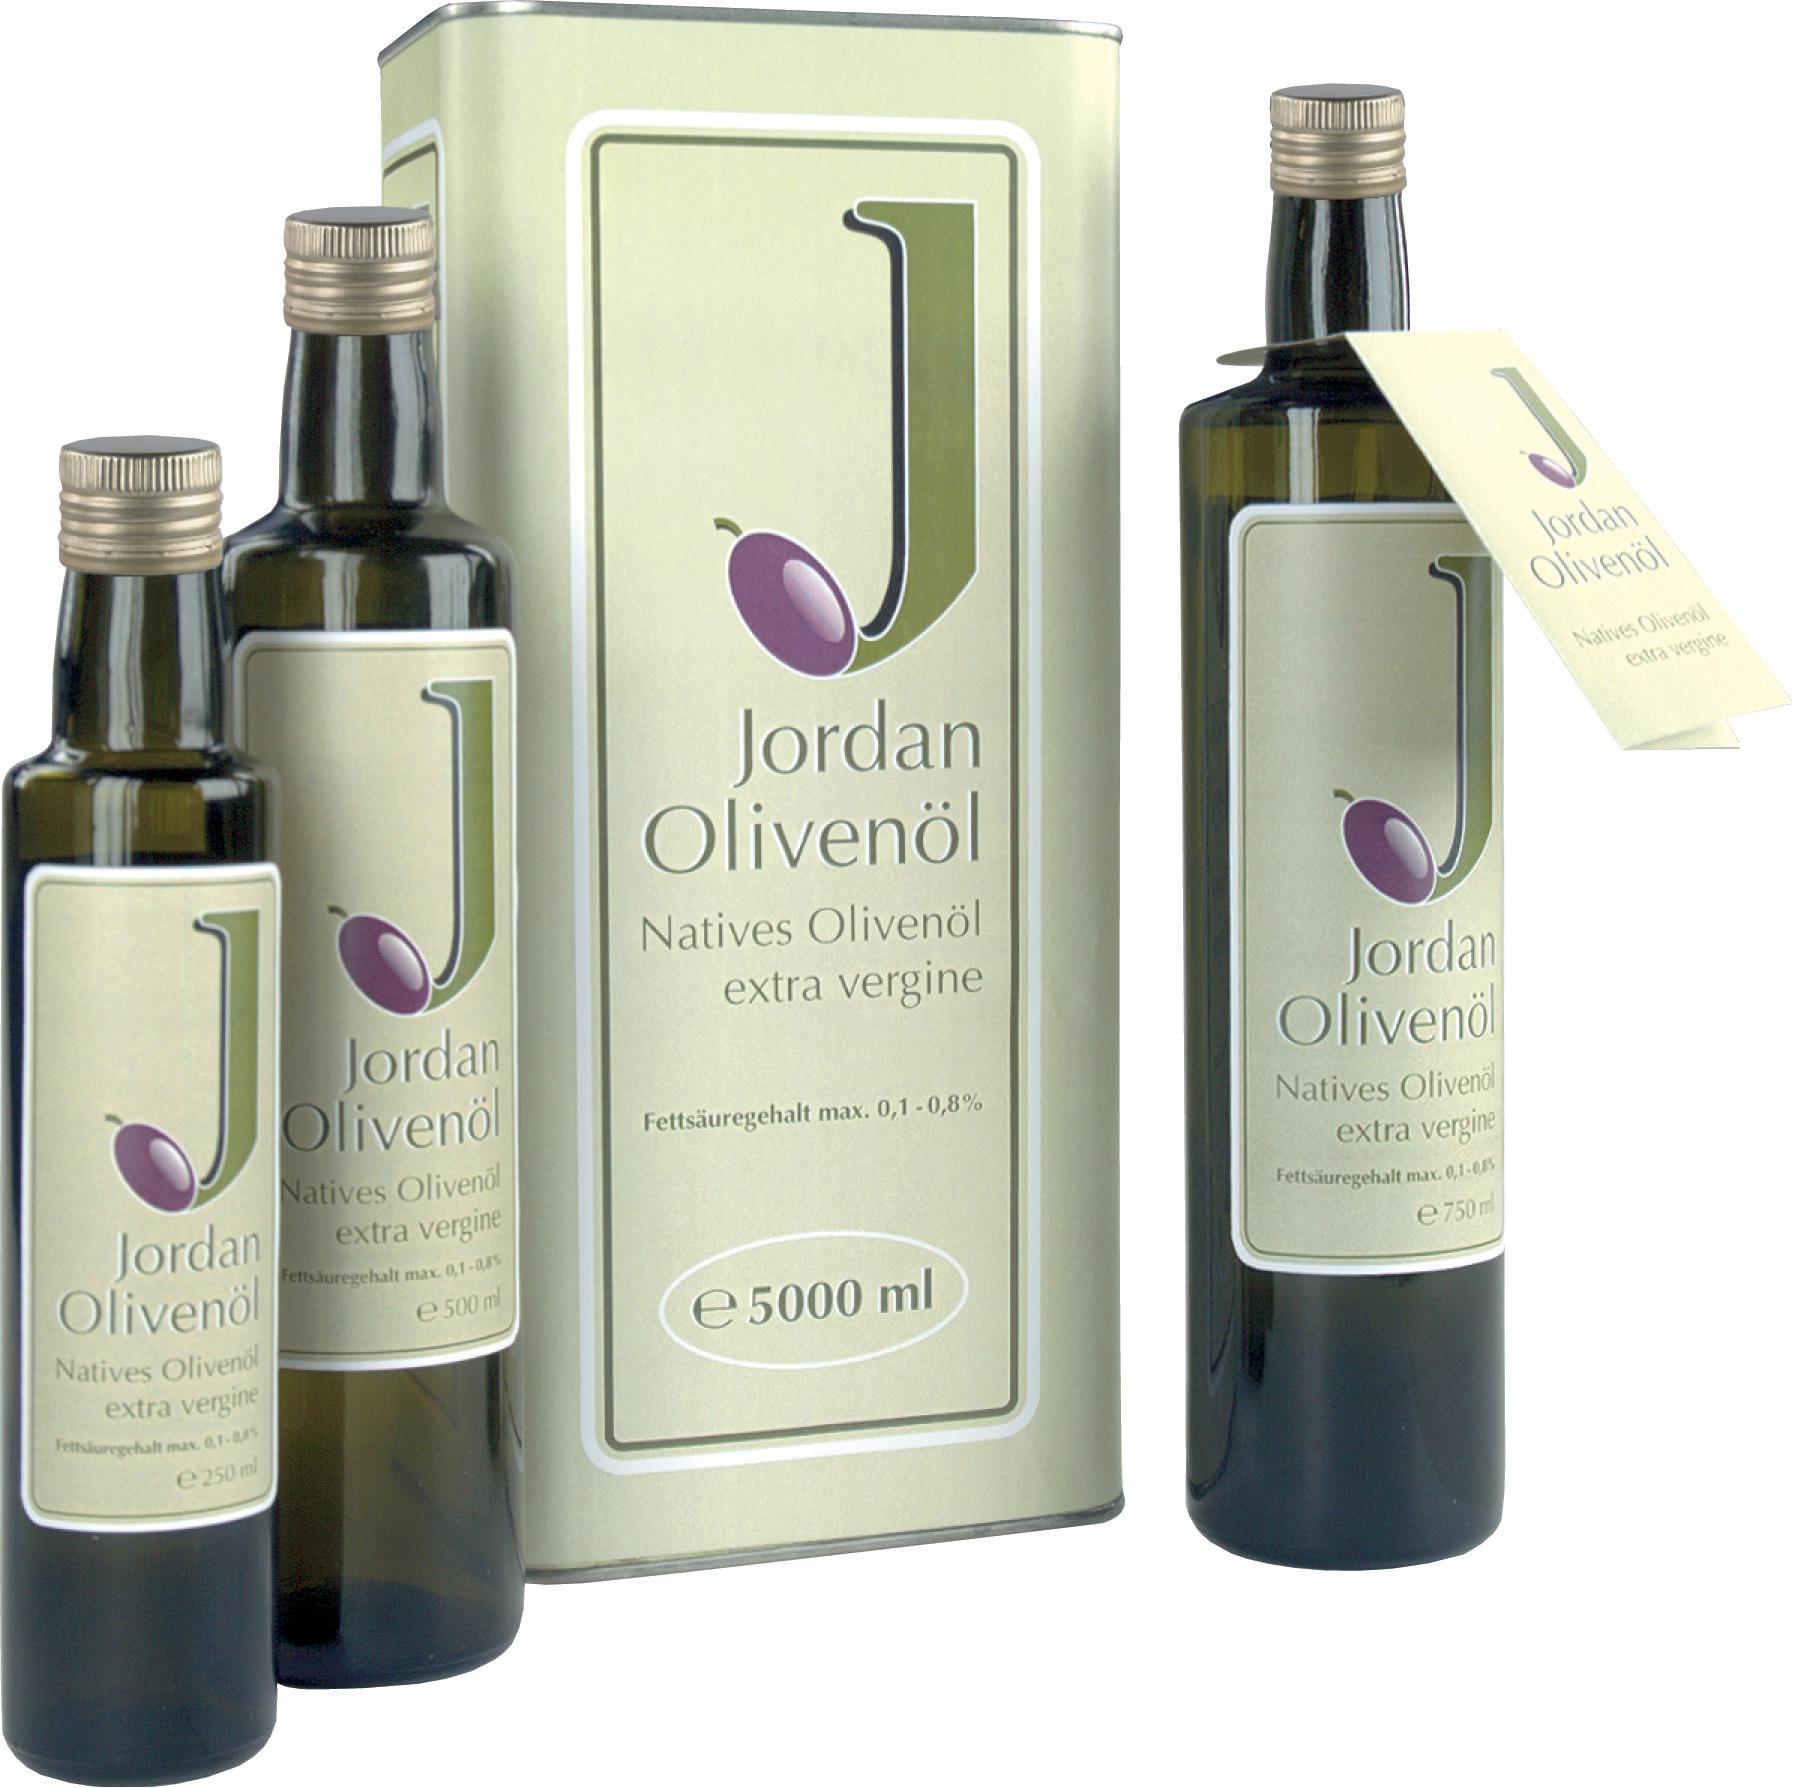 jordan-olivenoel